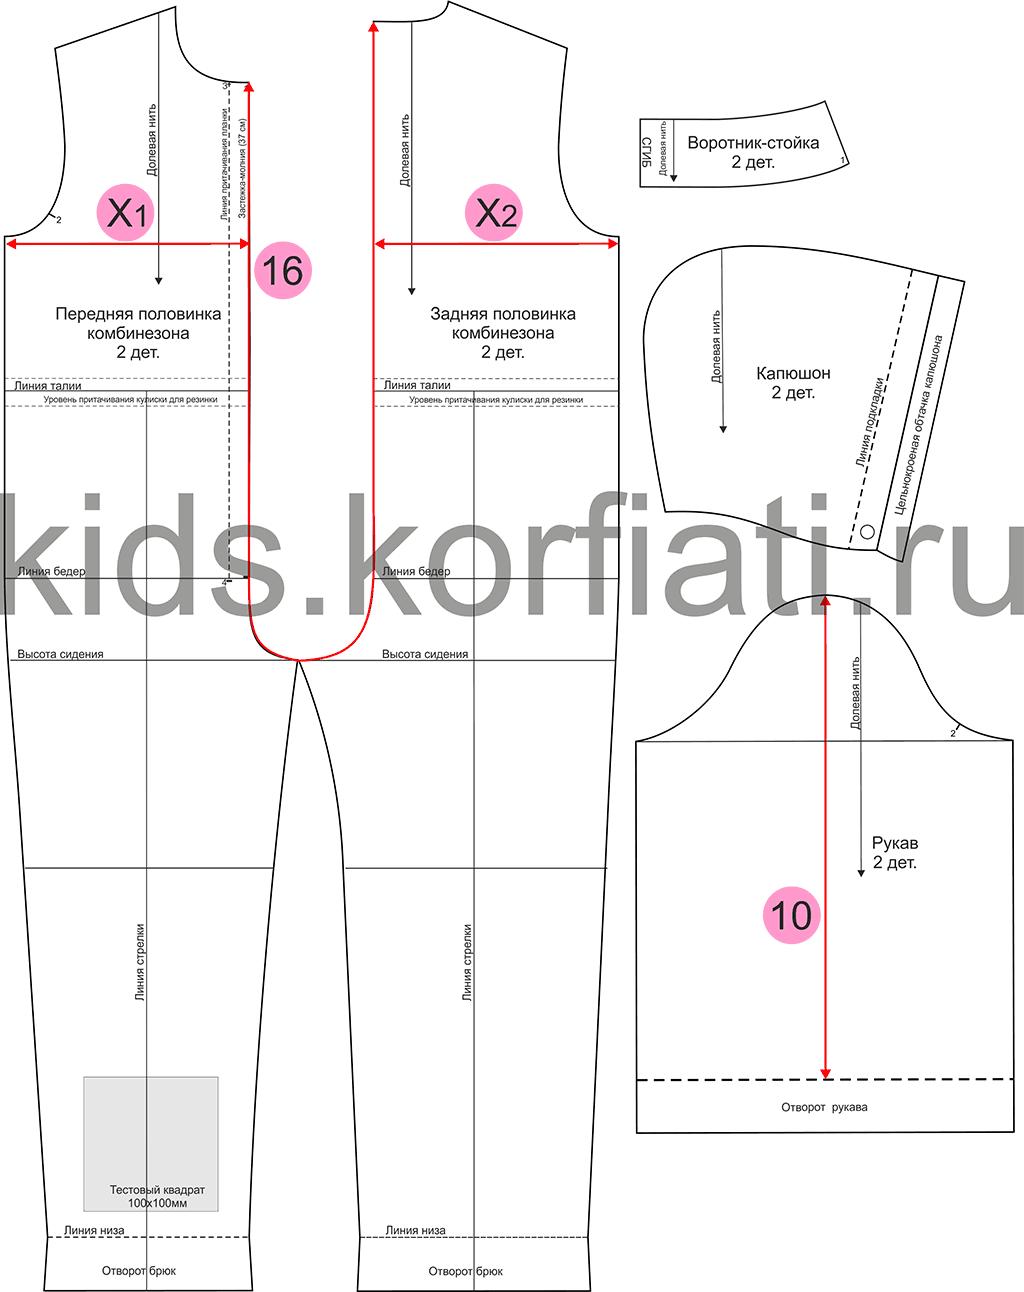 Схема ходовых огней на ваз 2107